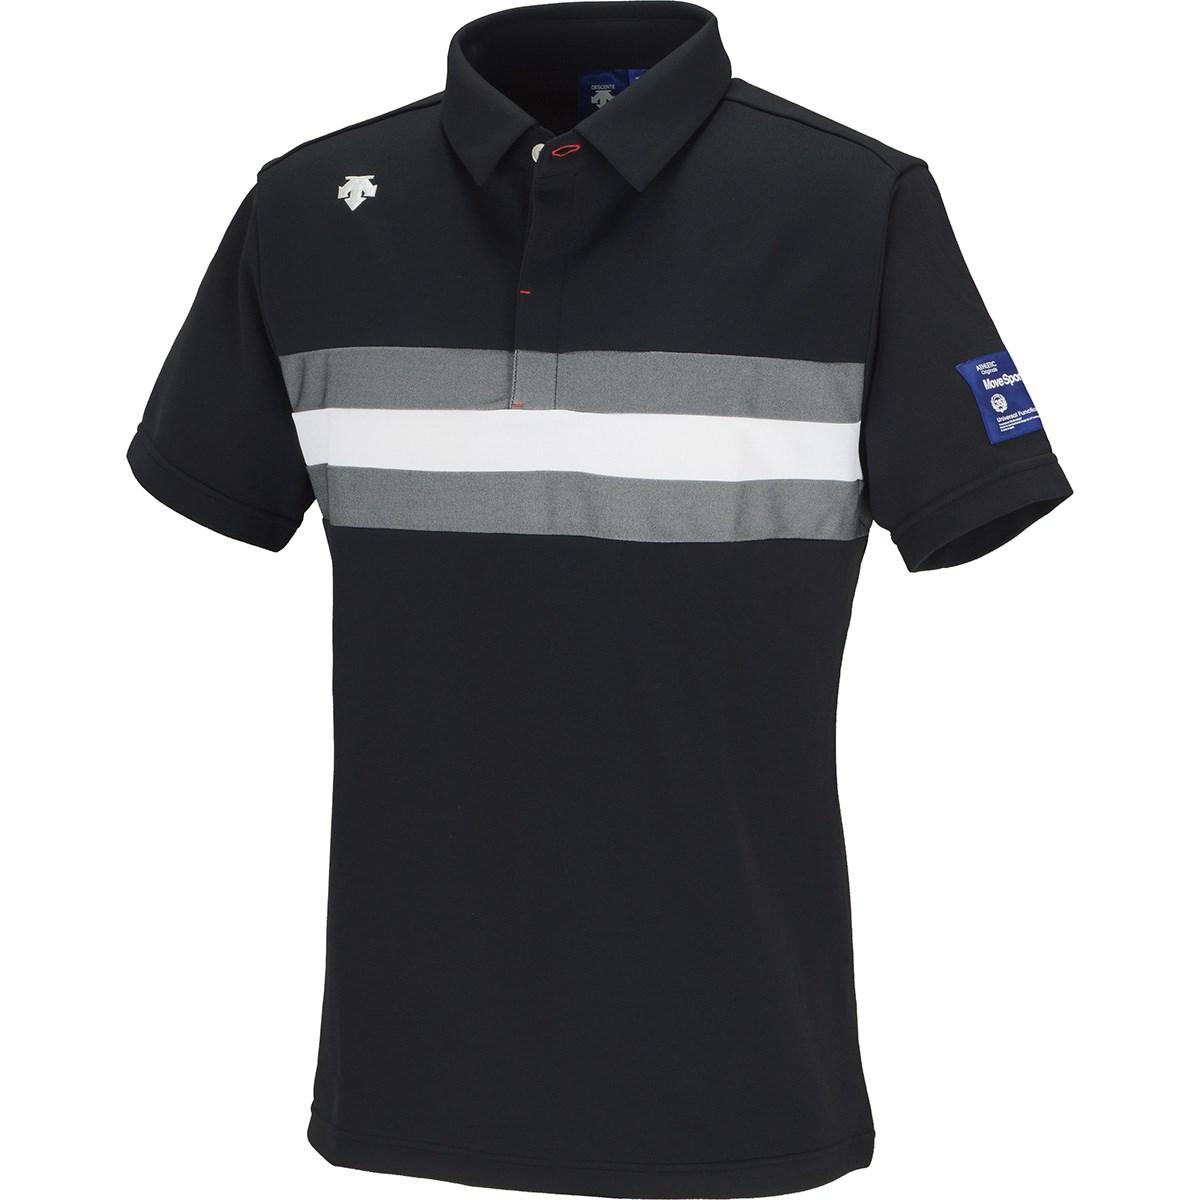 デサントゴルフ(DESCENTE GOLF) ポイントメッシュ切り替え 半袖ポロシャツ